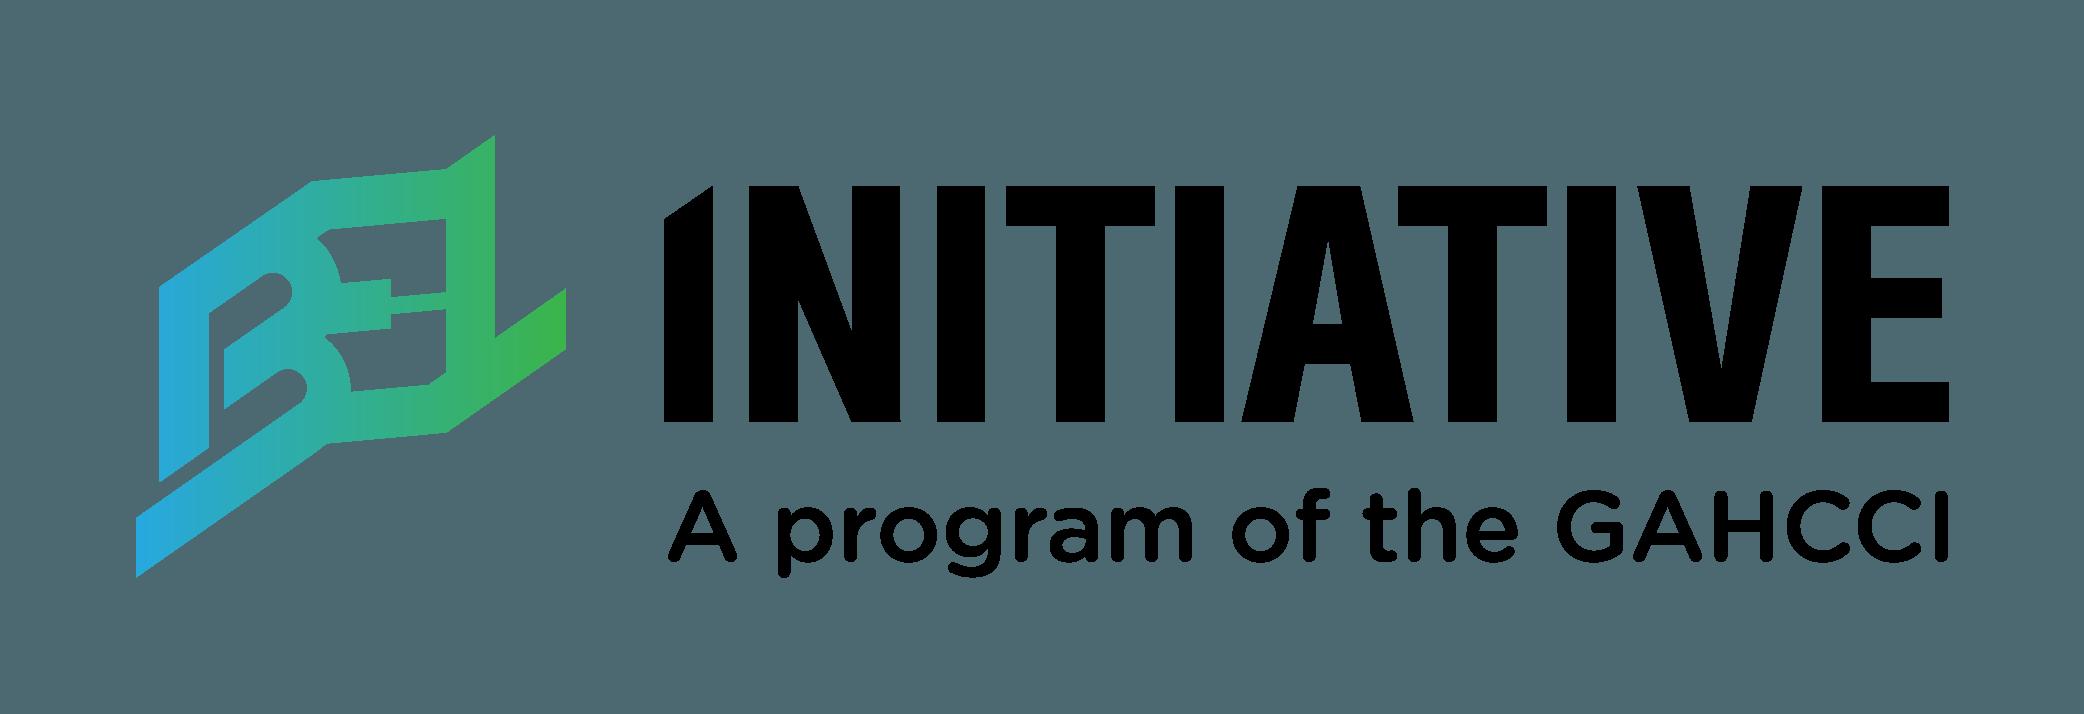 BEL Initiative